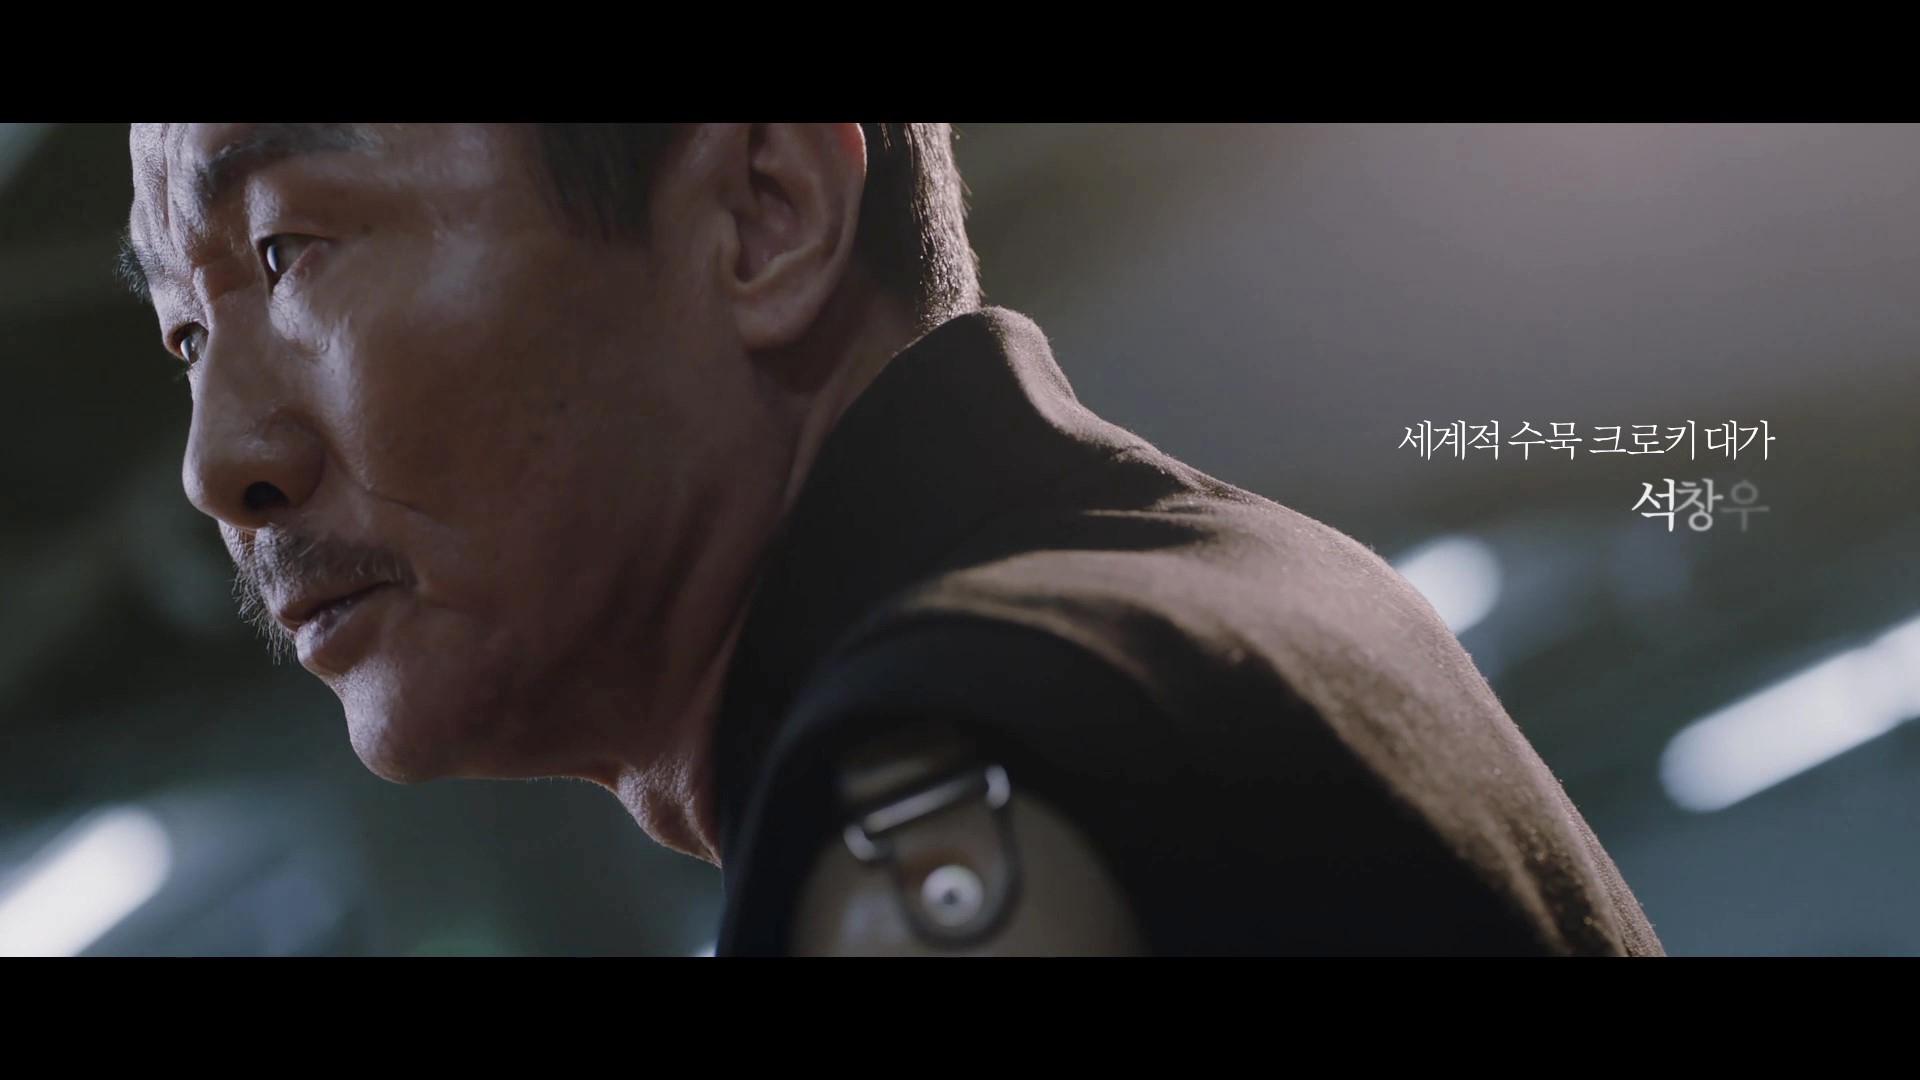 SK 브로드밴드 TV 광고 모델로 등장한 석창우 화가. [사진 석창우]